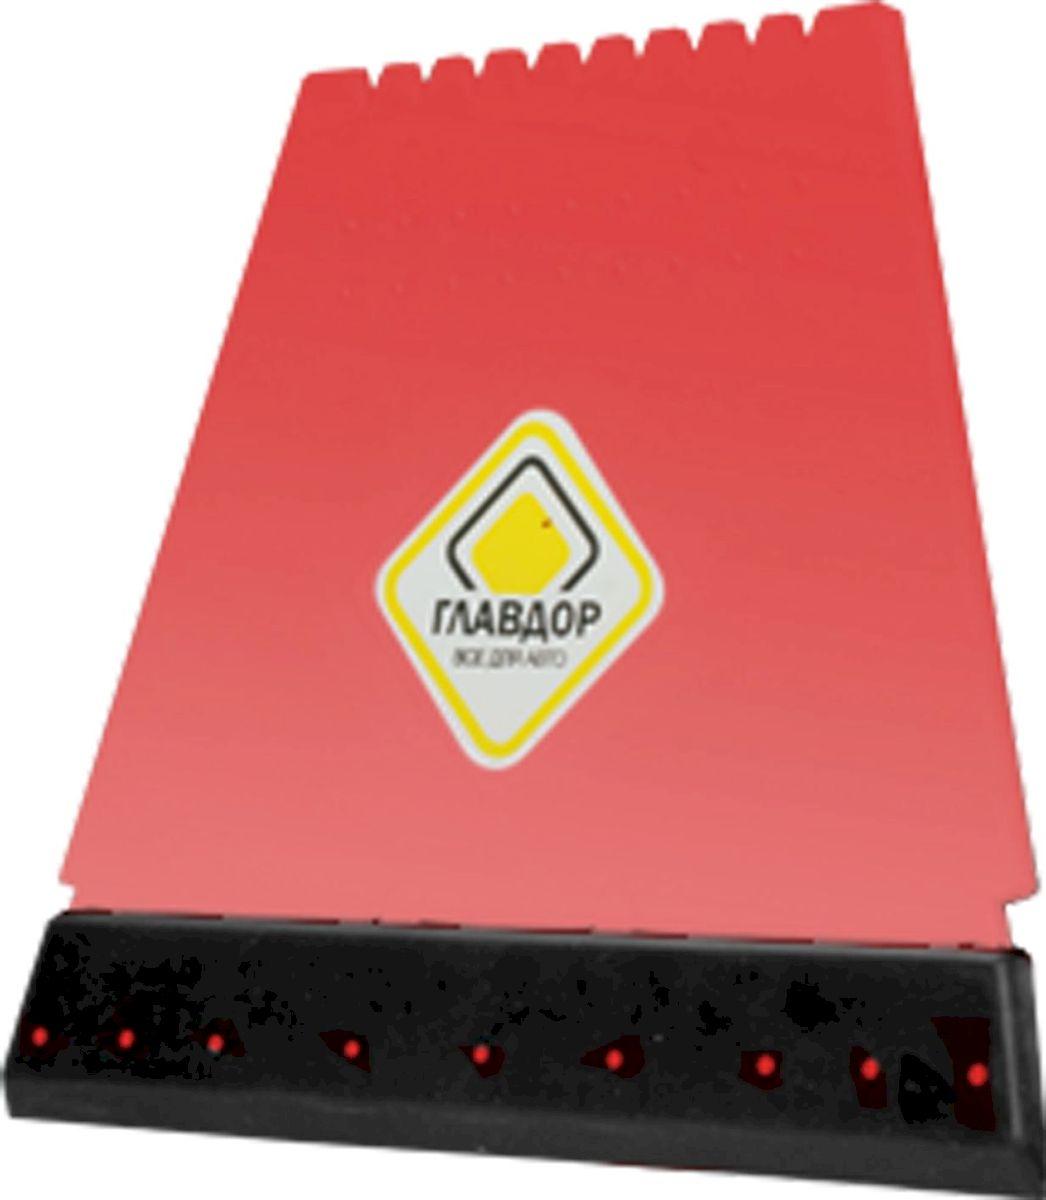 Скребок Главдор, четырехсторонний, цвет: красныйGL-507Продуманный до мелочей скребок для льда и сгона воды, в котором задействованы все четыре стороны для более эффективного удаление нежелательной наледи с поверхности автомобиля. Имеет два тонких лезвия по бокам, резиновый сгон и разрыхлитель наледи. Удобно лежит в руке, а хранение не занимает много места.